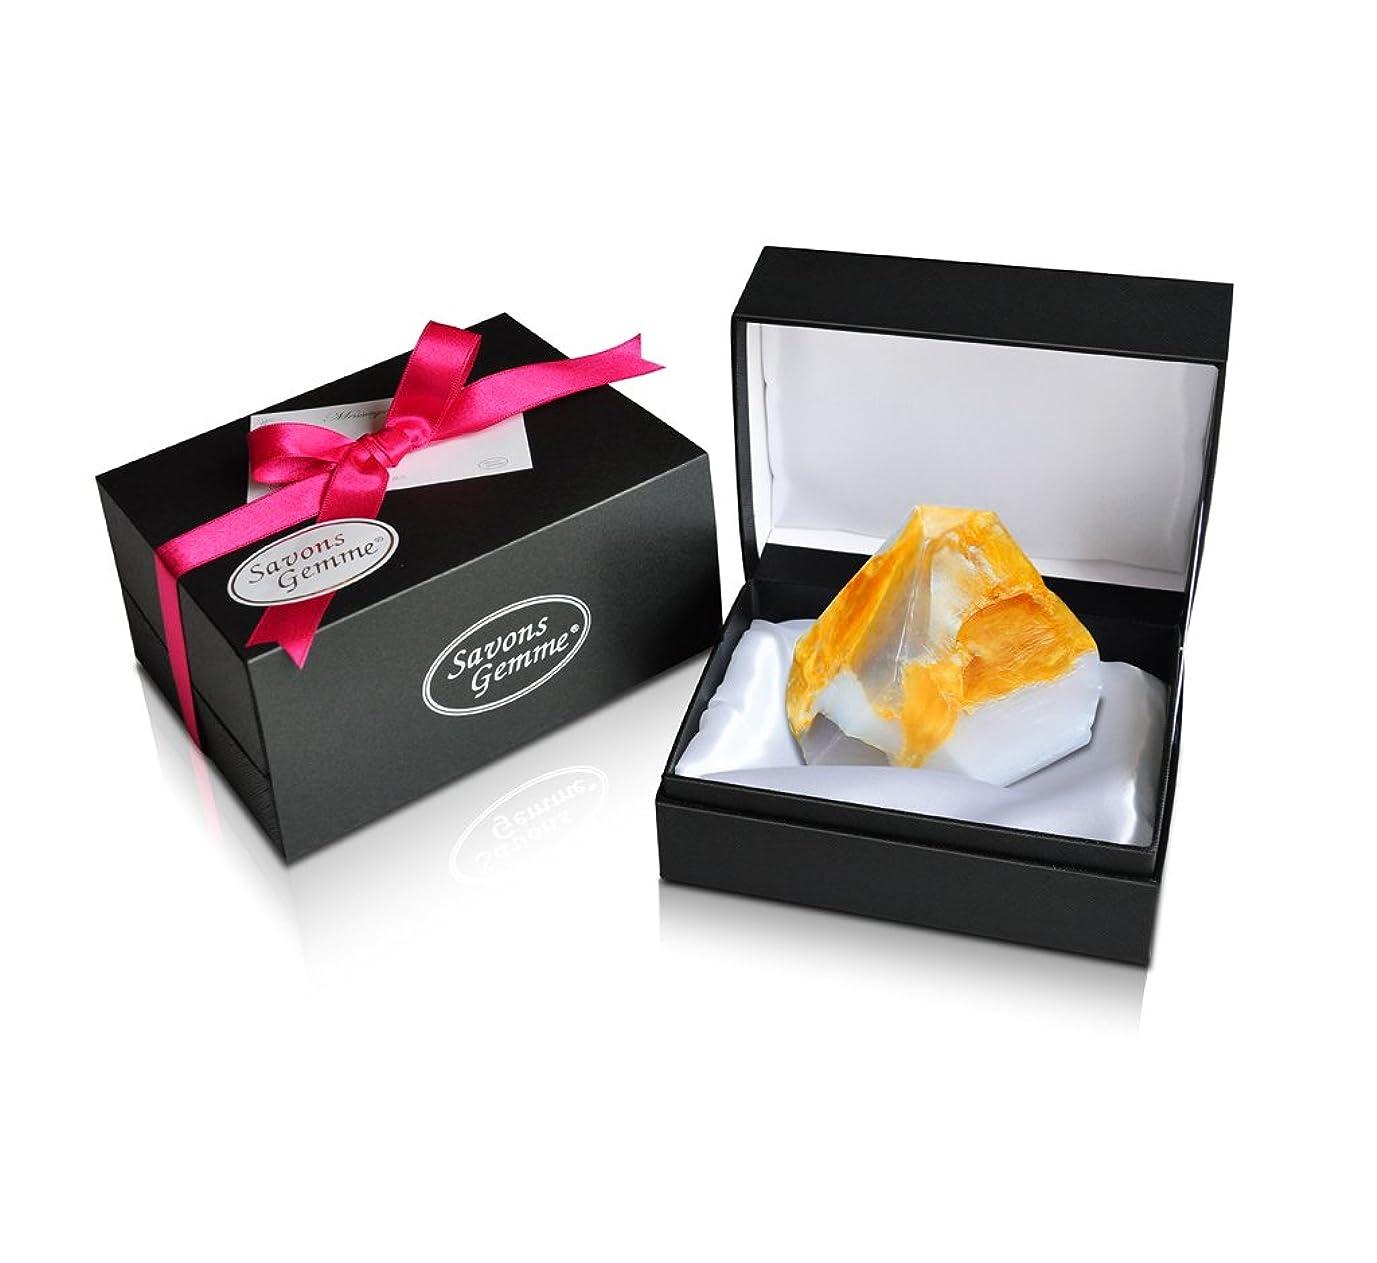 構想する先警官Savons Gemme サボンジェム ジュエリーギフトボックス 世界で一番美しい宝石石鹸 フレグランス ソープ 宝石箱のようなラグジュアリー感を演出 アルバトールオリエンタル 170g 【日本総代理店品】